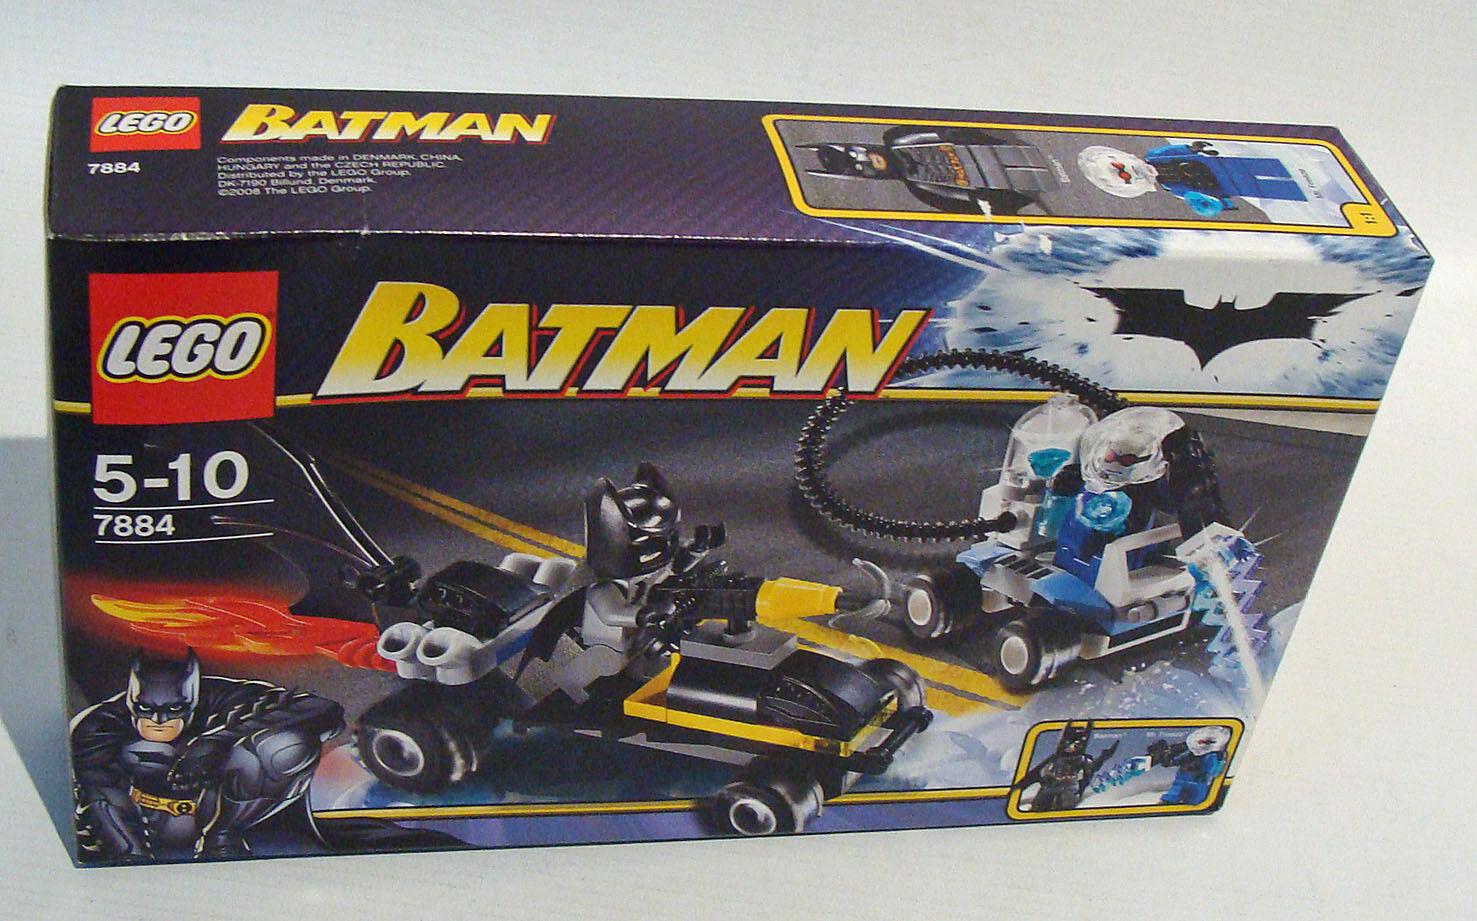 Lego  ® Bathomme 7884 - The Escape of Mr. Libreze 76 Parts 5-10 years nouveau nouveau  jusqu'à 70% de réduction